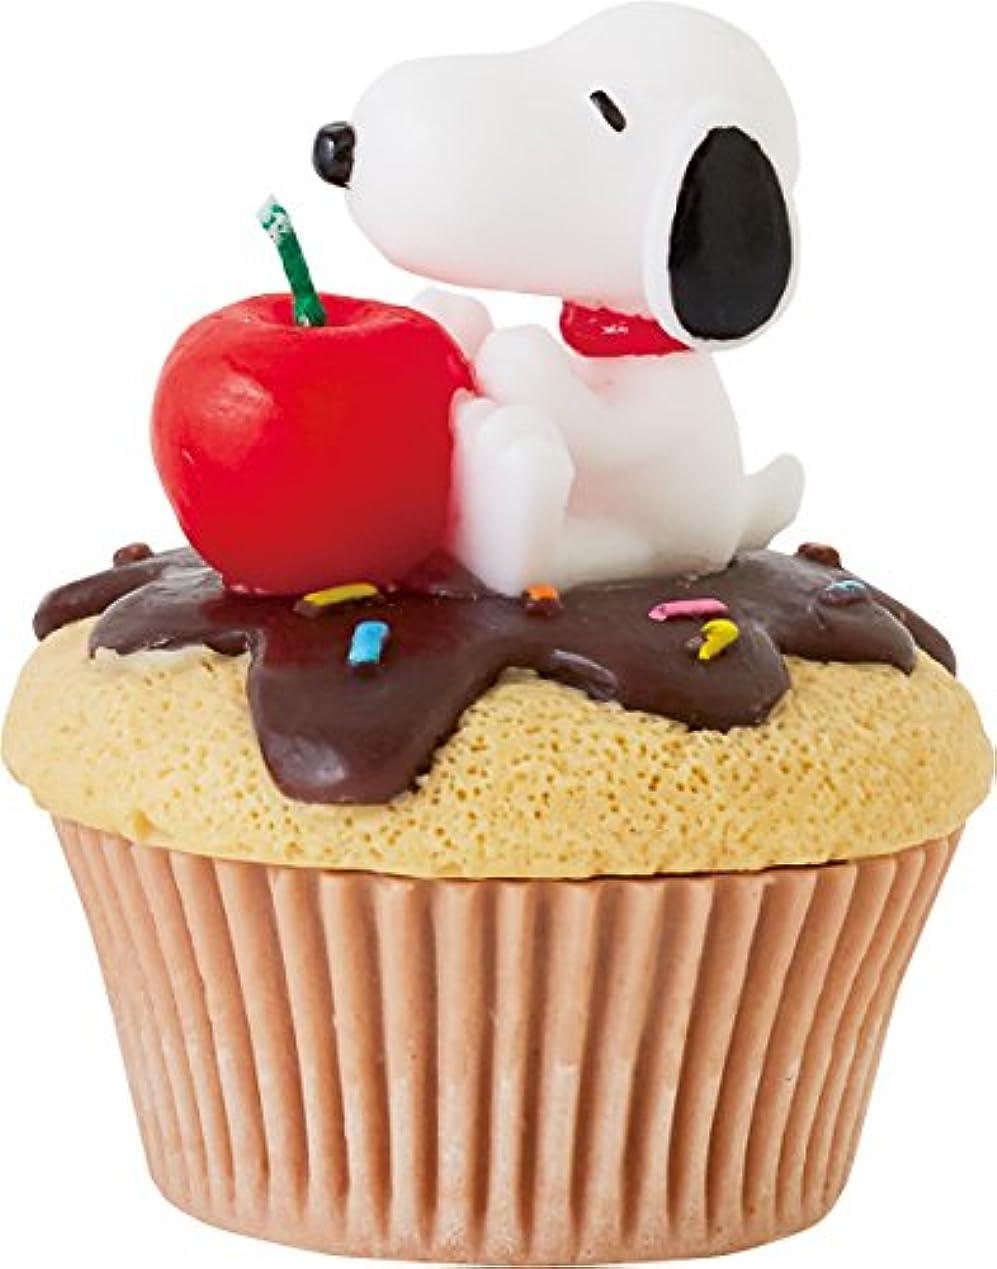 プログラム独裁者見捨てるカメヤマキャンドルハウス スヌーピーカップケーキキャンドル チョコ(チョコレートの香り)